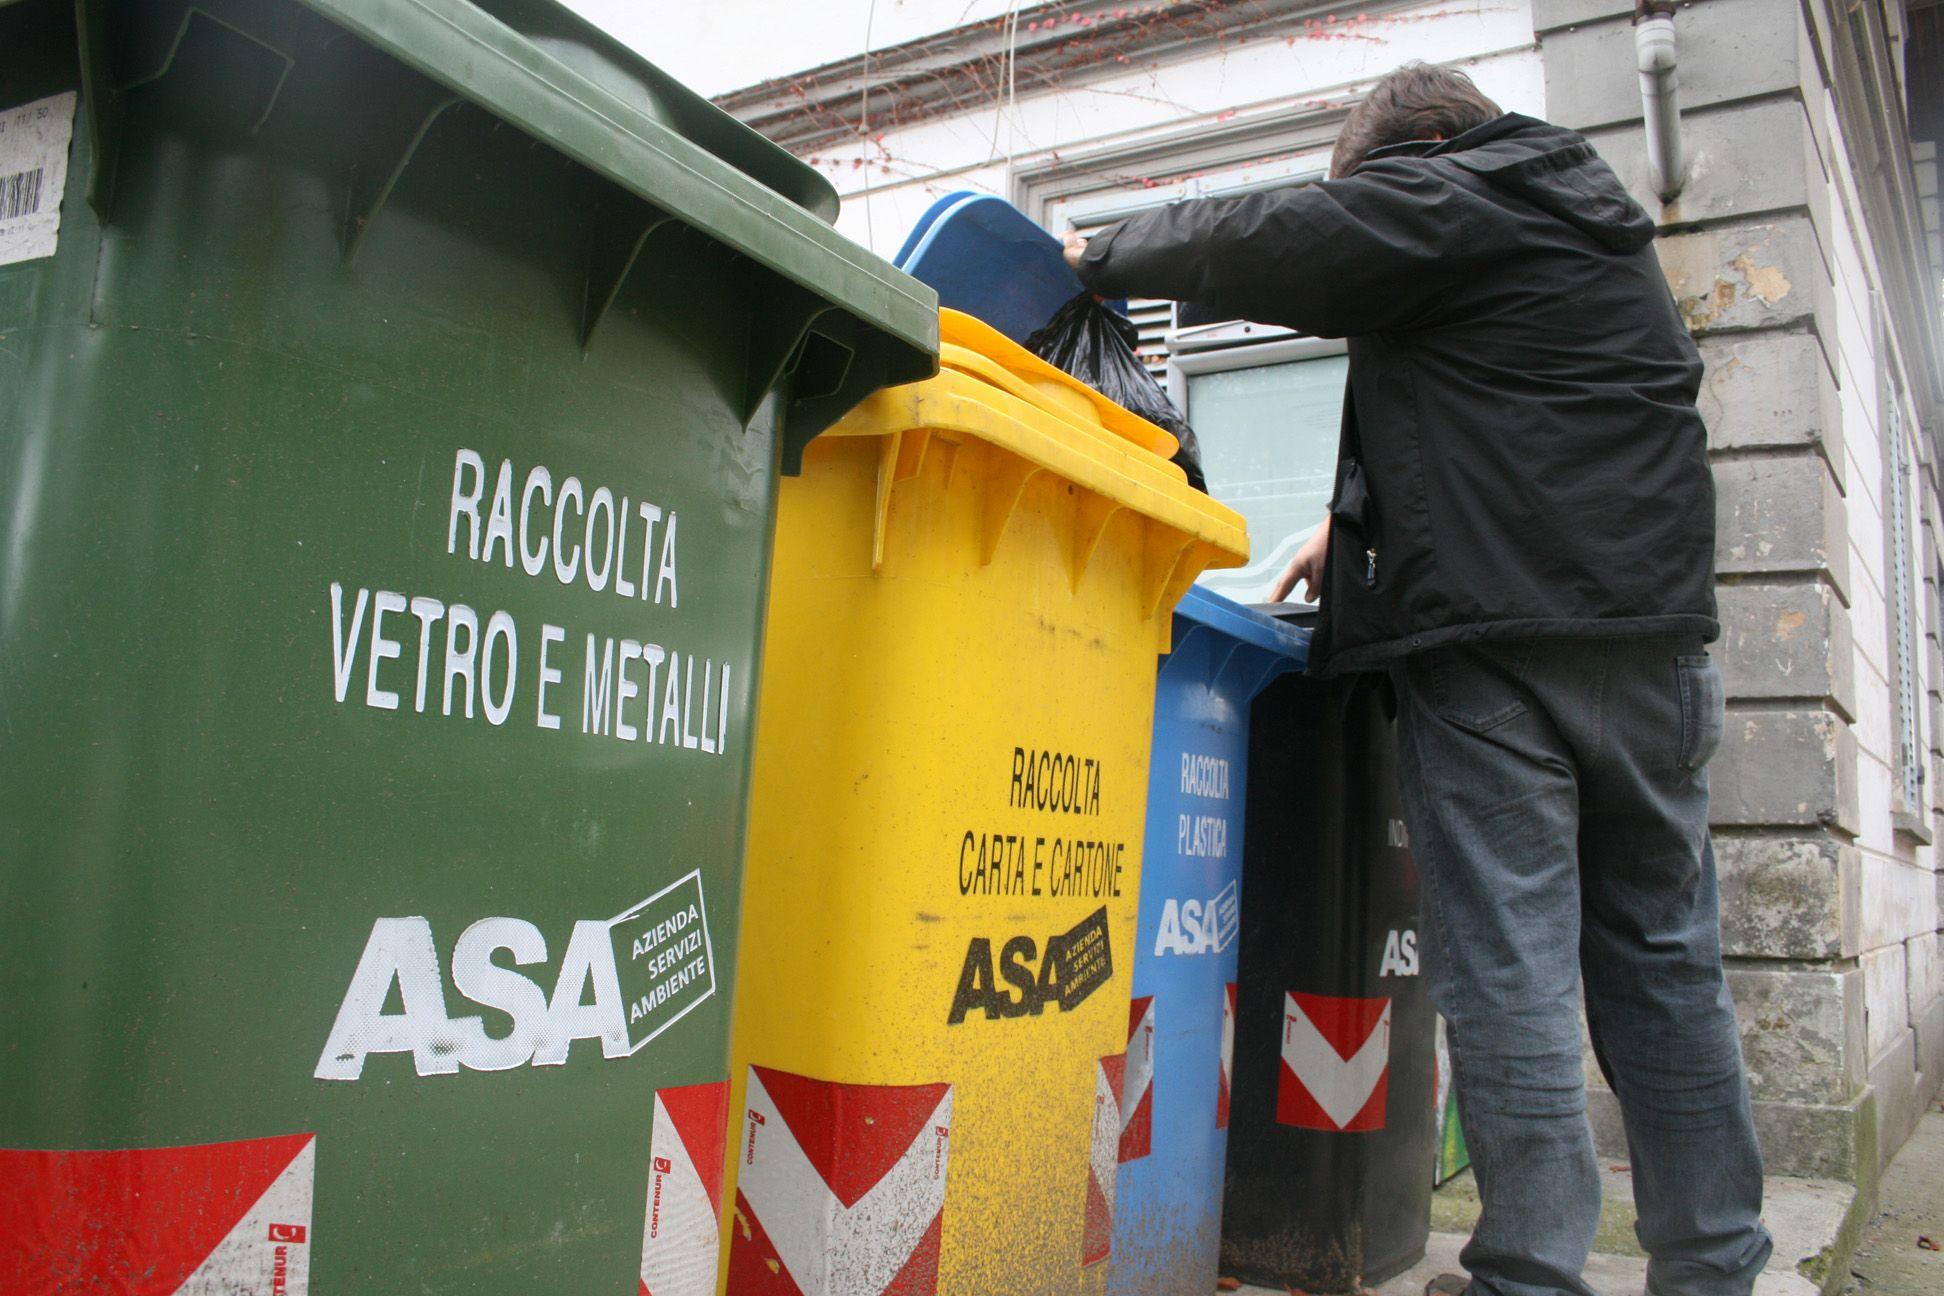 DISASTRO ASA - Vincono i sindaci: i Comuni non tireranno fuori nemmeno un euro per i debiti del consorzio